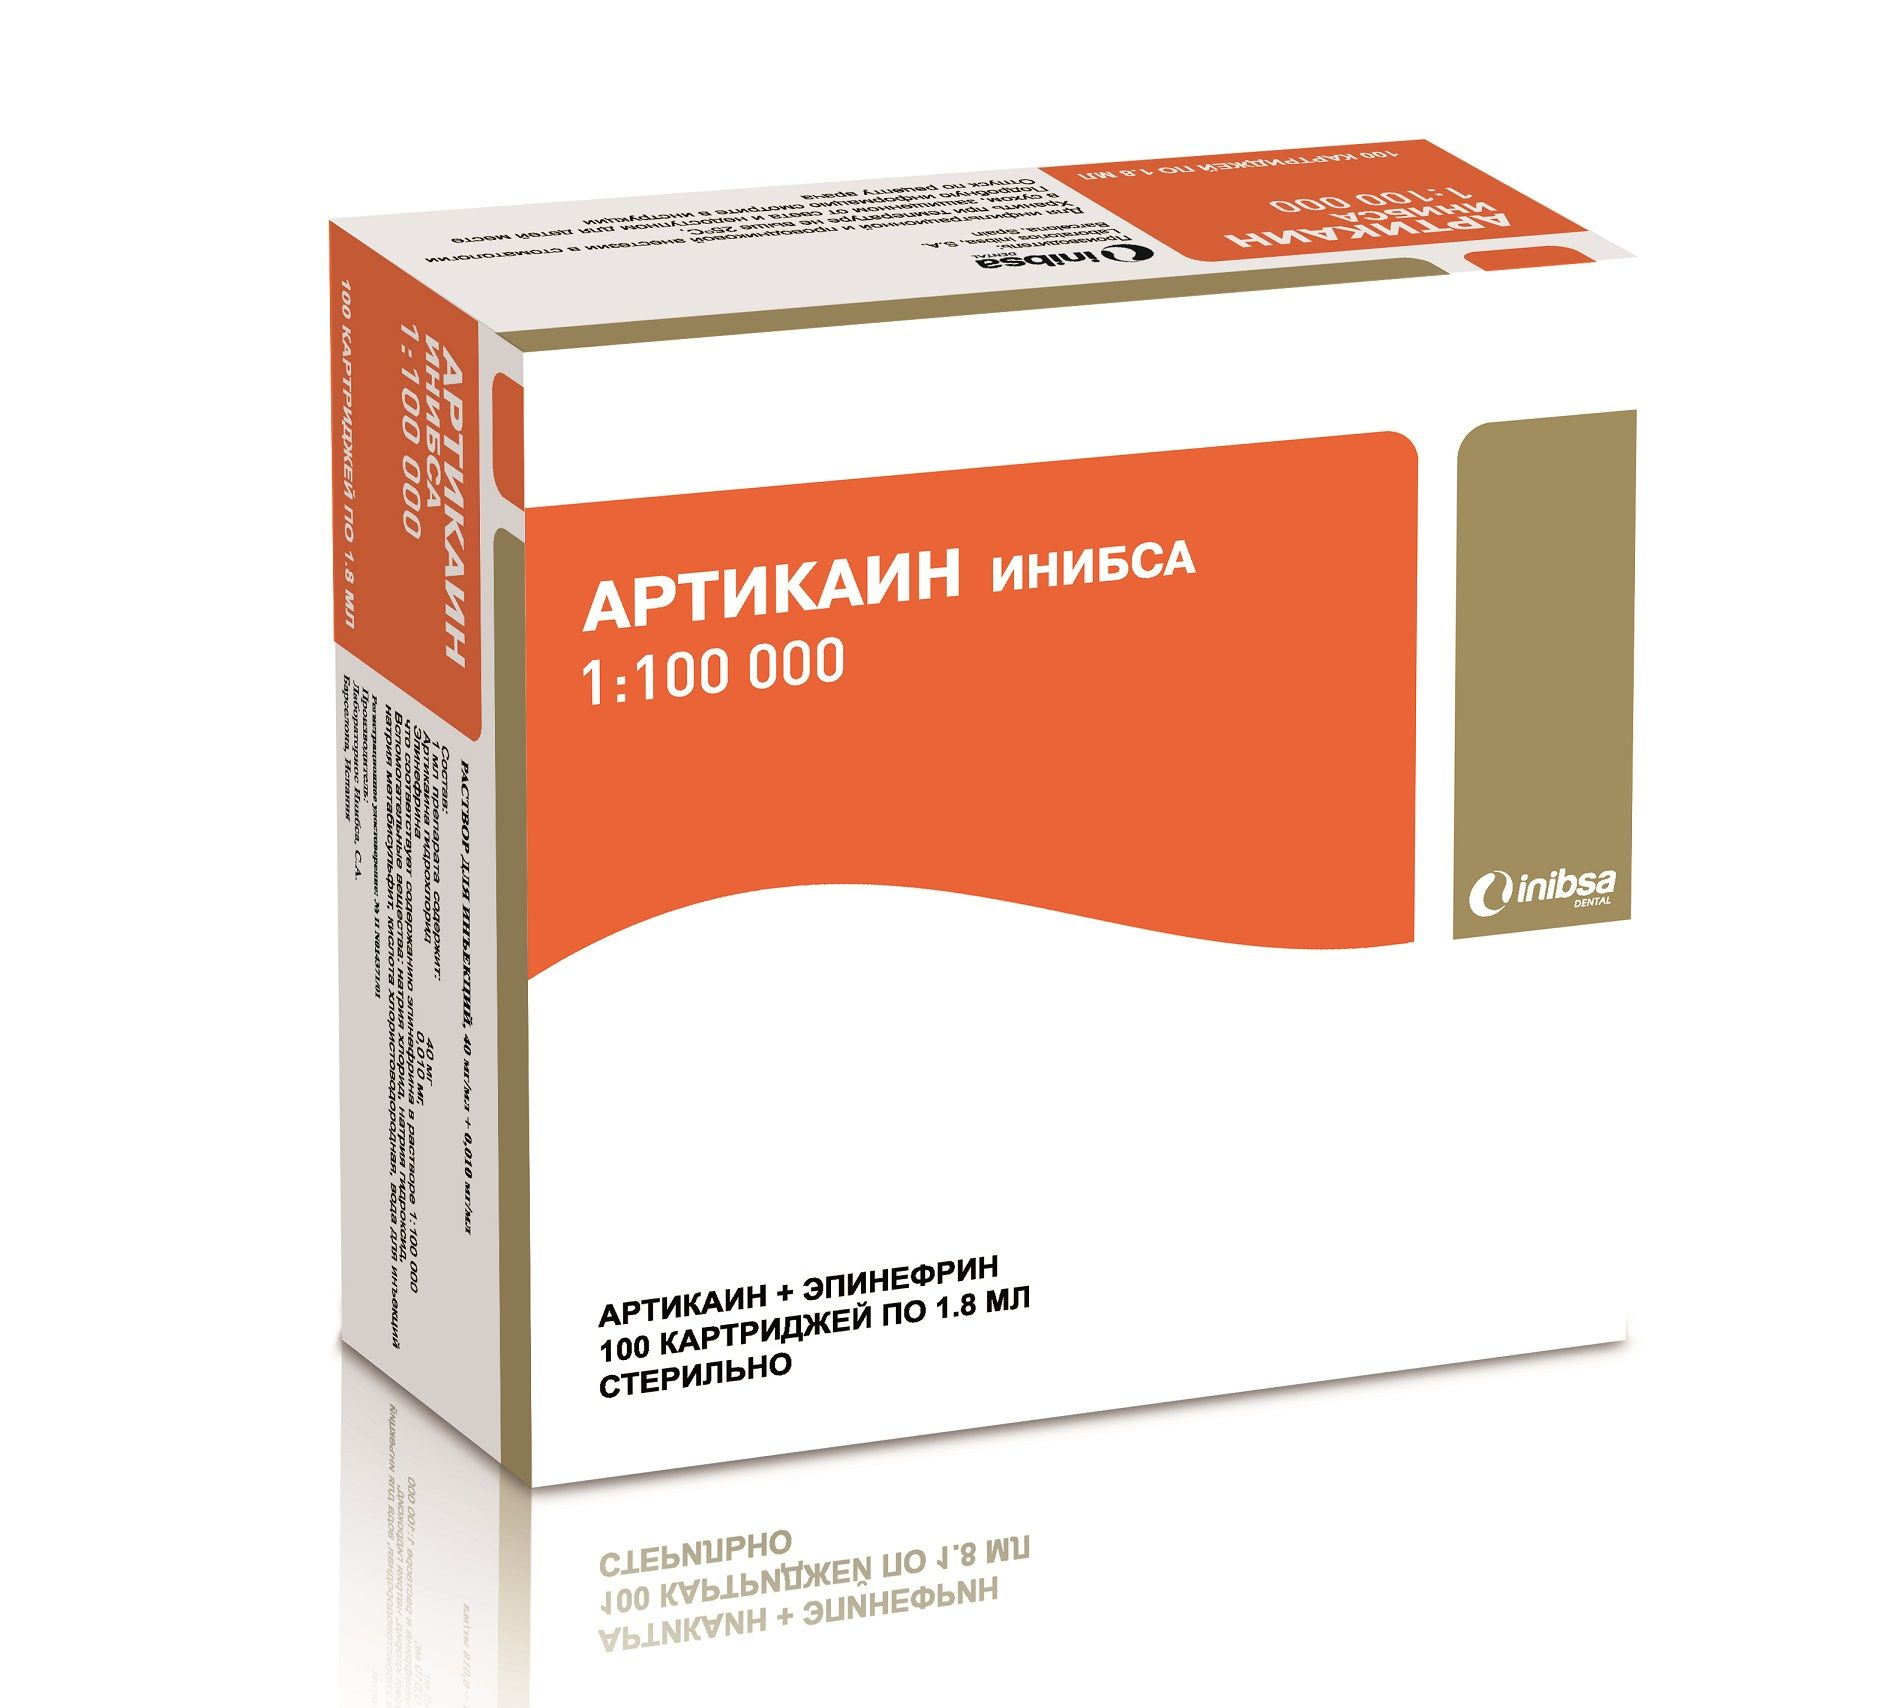 Артикаин 1:100000 -4 % Инибса